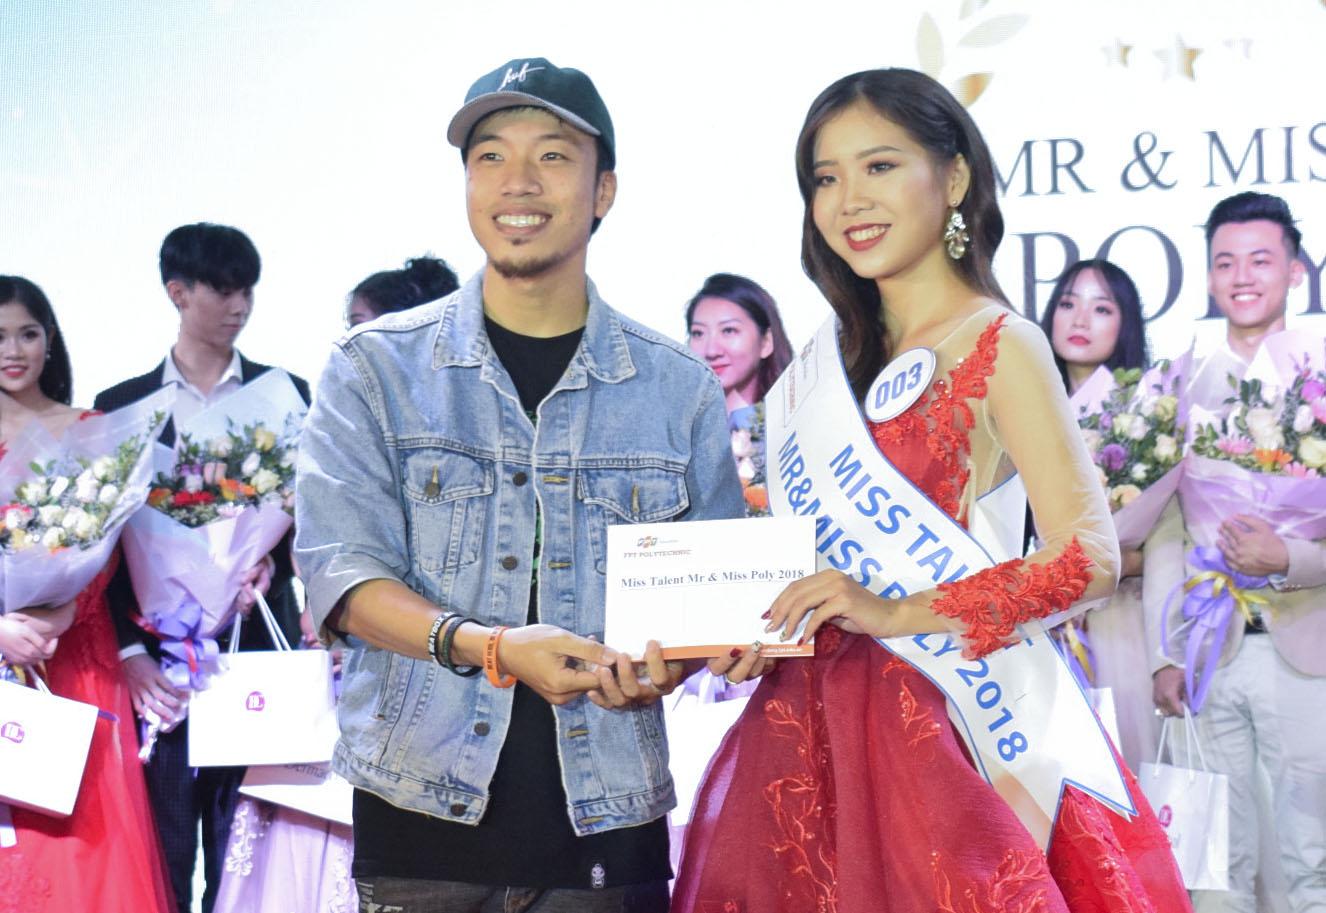 Chung cuộc, thí sinh mang SBD 003 - Nguyễn Diễm Quỳnh xuất sắc trở thành Miss Talent của Poly năm 2018. Cô nàng sở hữu nụ cười hiền với phần thi múa đương đại nhận được sự đánh giá rất cao từ hội đồng Ban giám khảo vòng thi Tài năng.